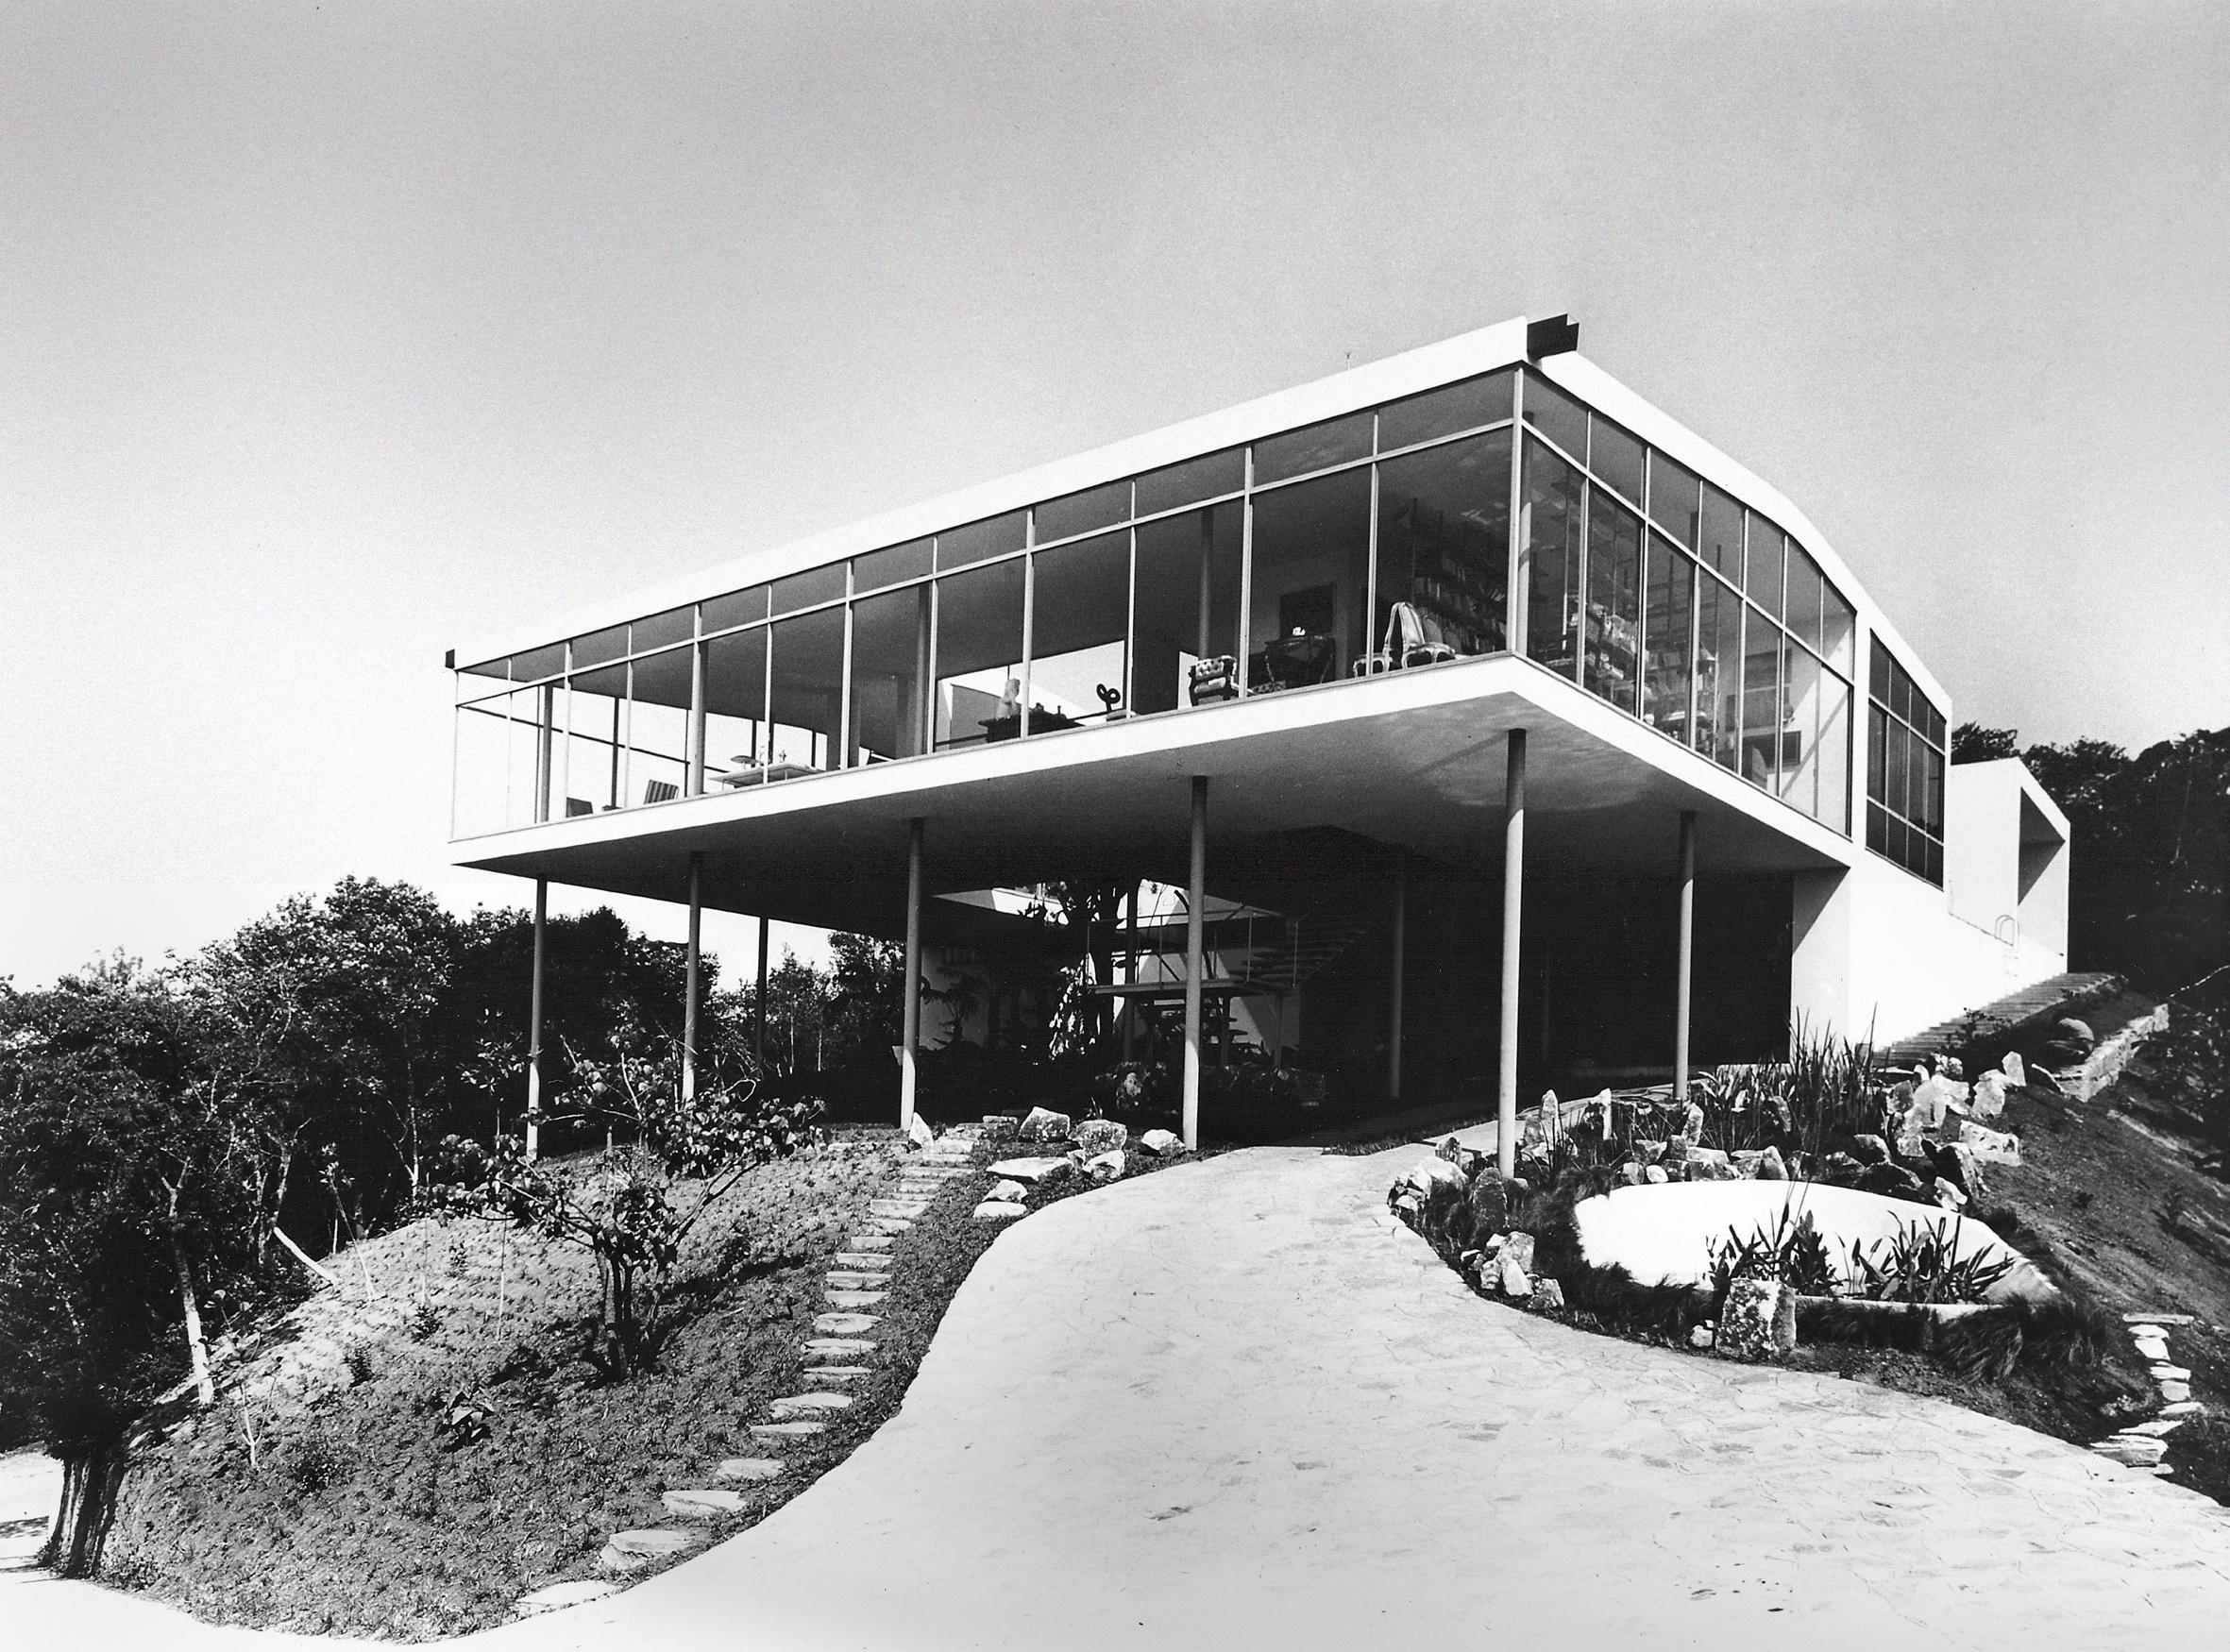 Casa de Vidro, São Paulo, 1949-1951, fot.Peter Scheier, 1951